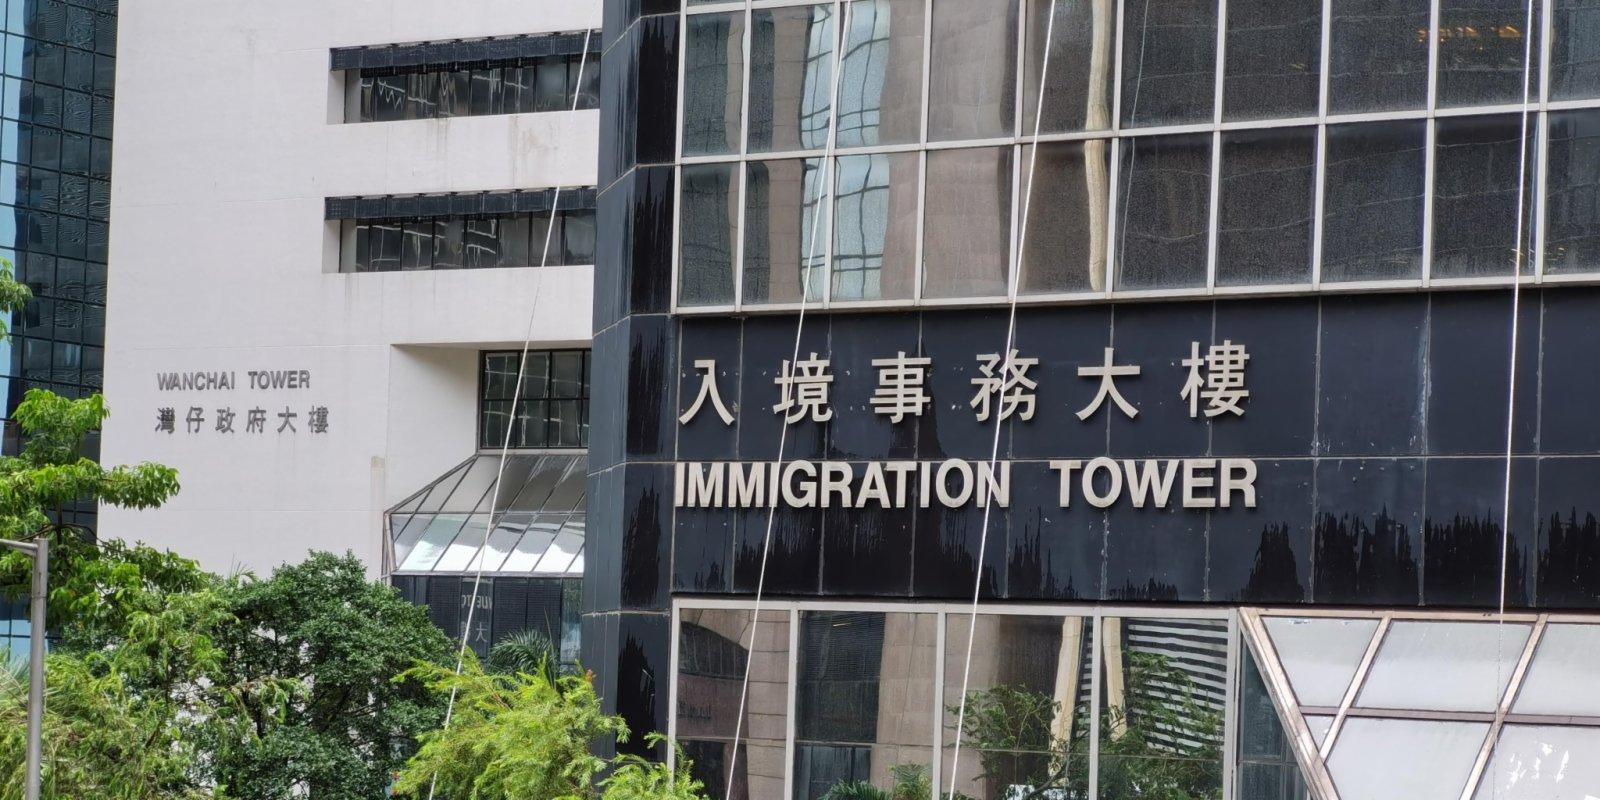 入境處7樓今暫停服務明恢復 8月3日到訪者須強檢